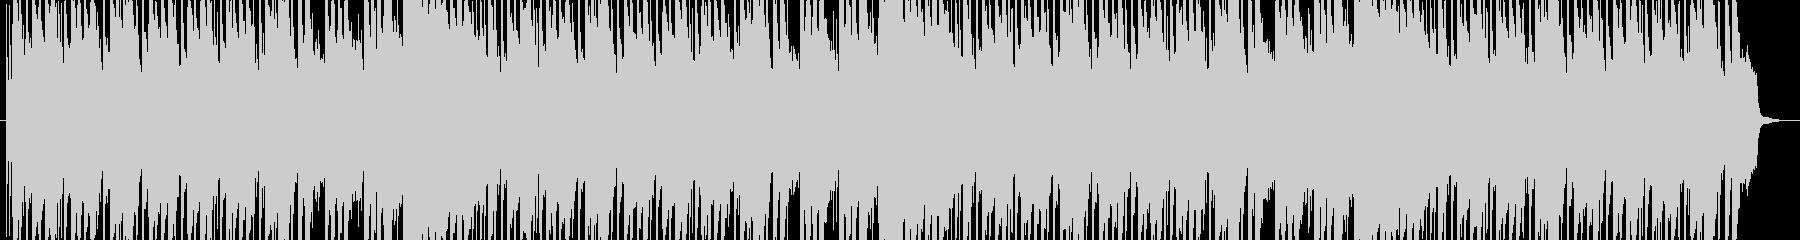 ハロウィンの不思議で怪しげな音楽の未再生の波形